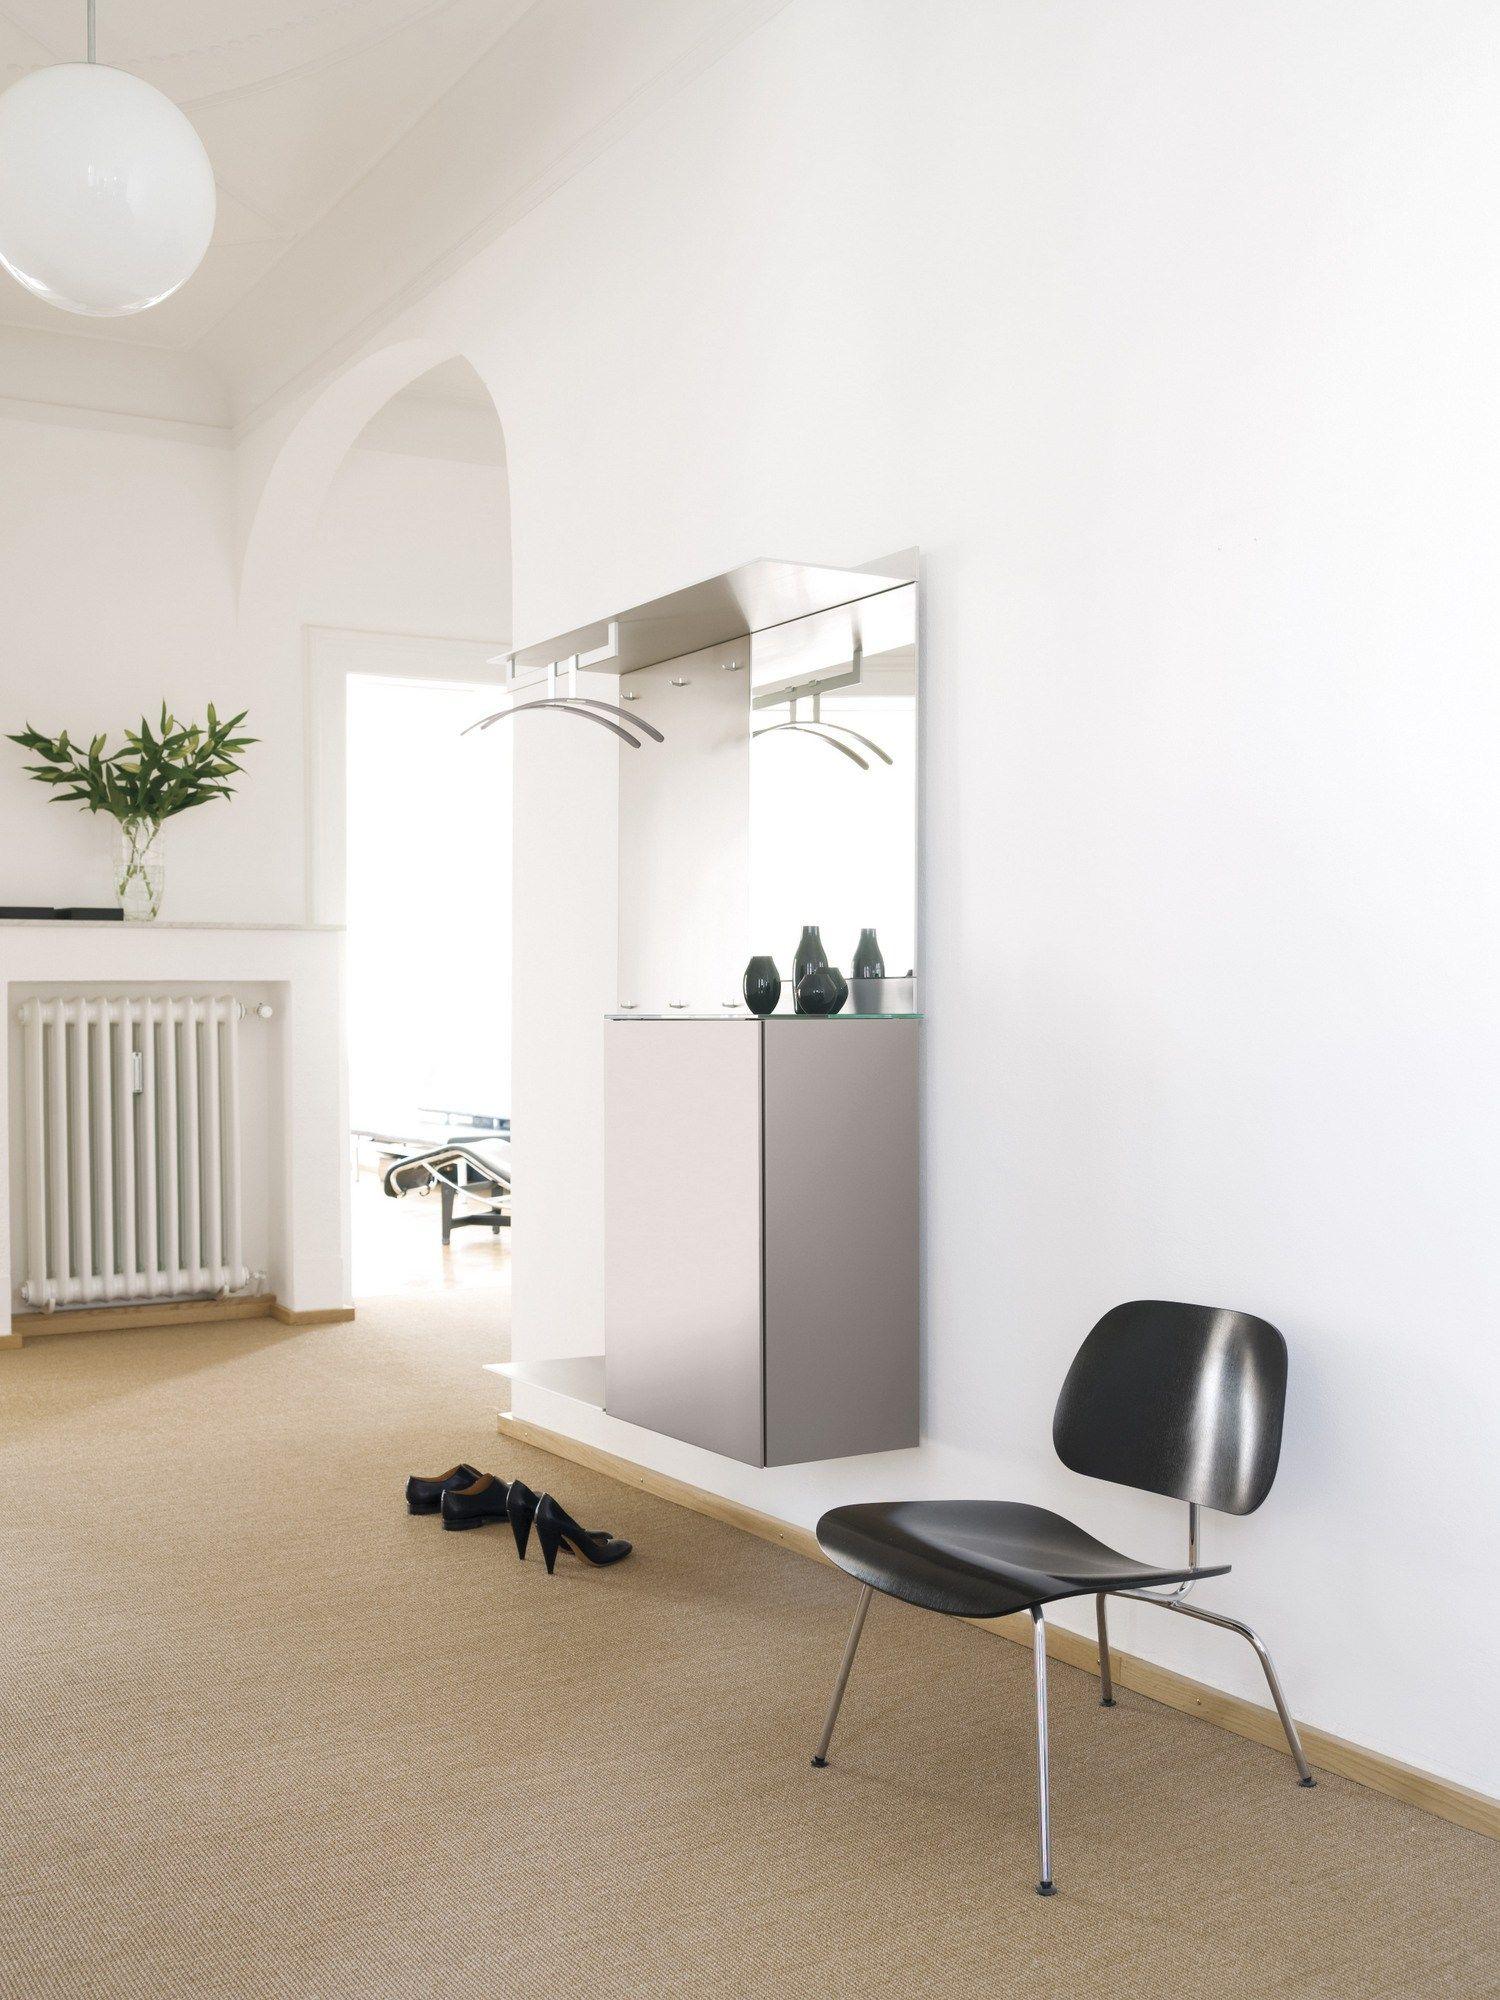 S7 meuble d'entrée by schönbuch design dante bonuccelli